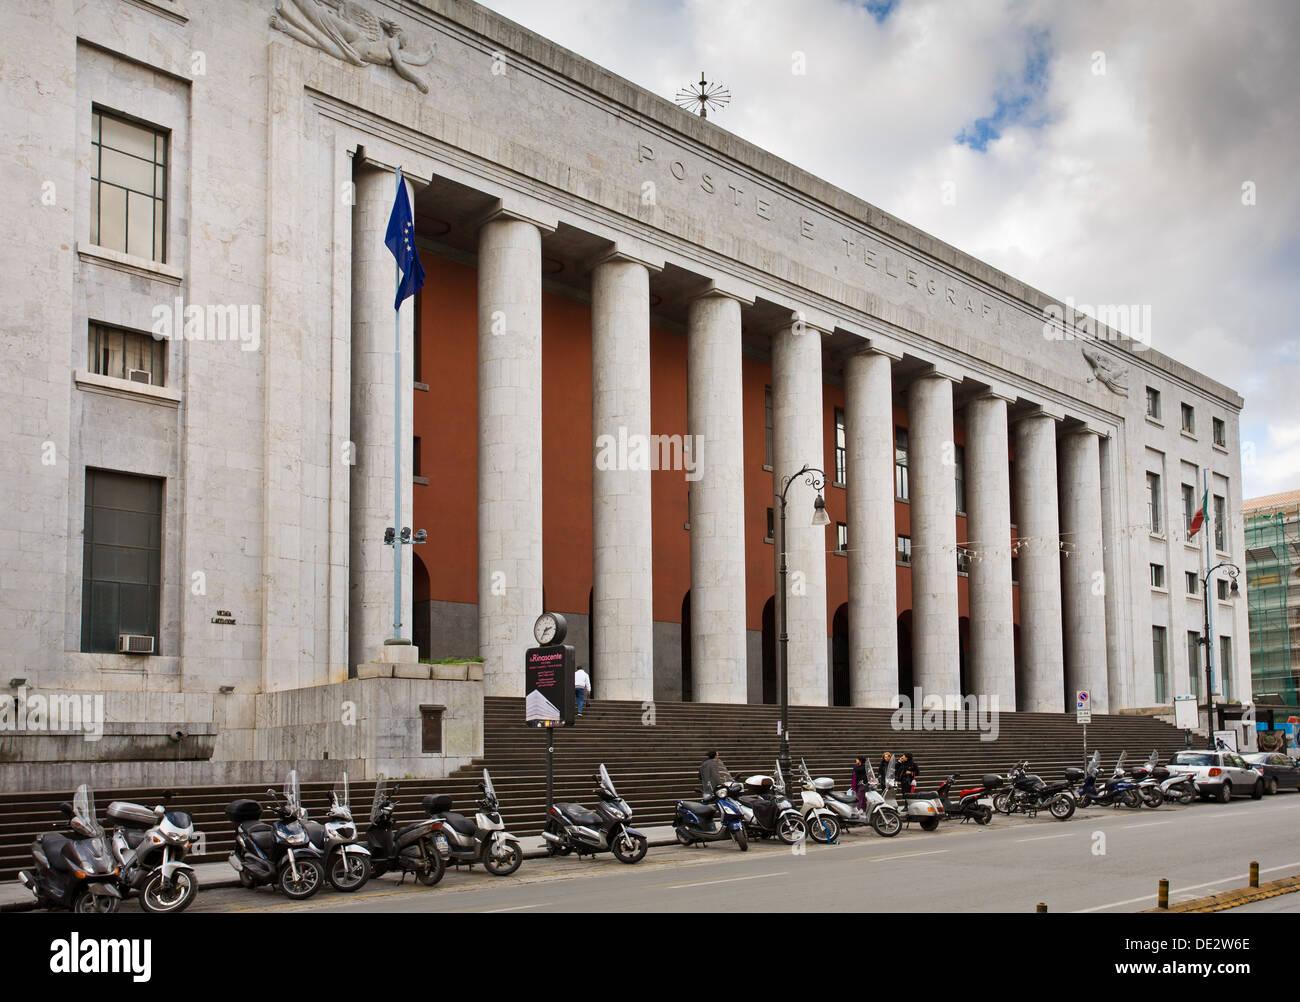 Ufficio Postale A Palermo : Progetto riqualificazione degli uffici postali idee